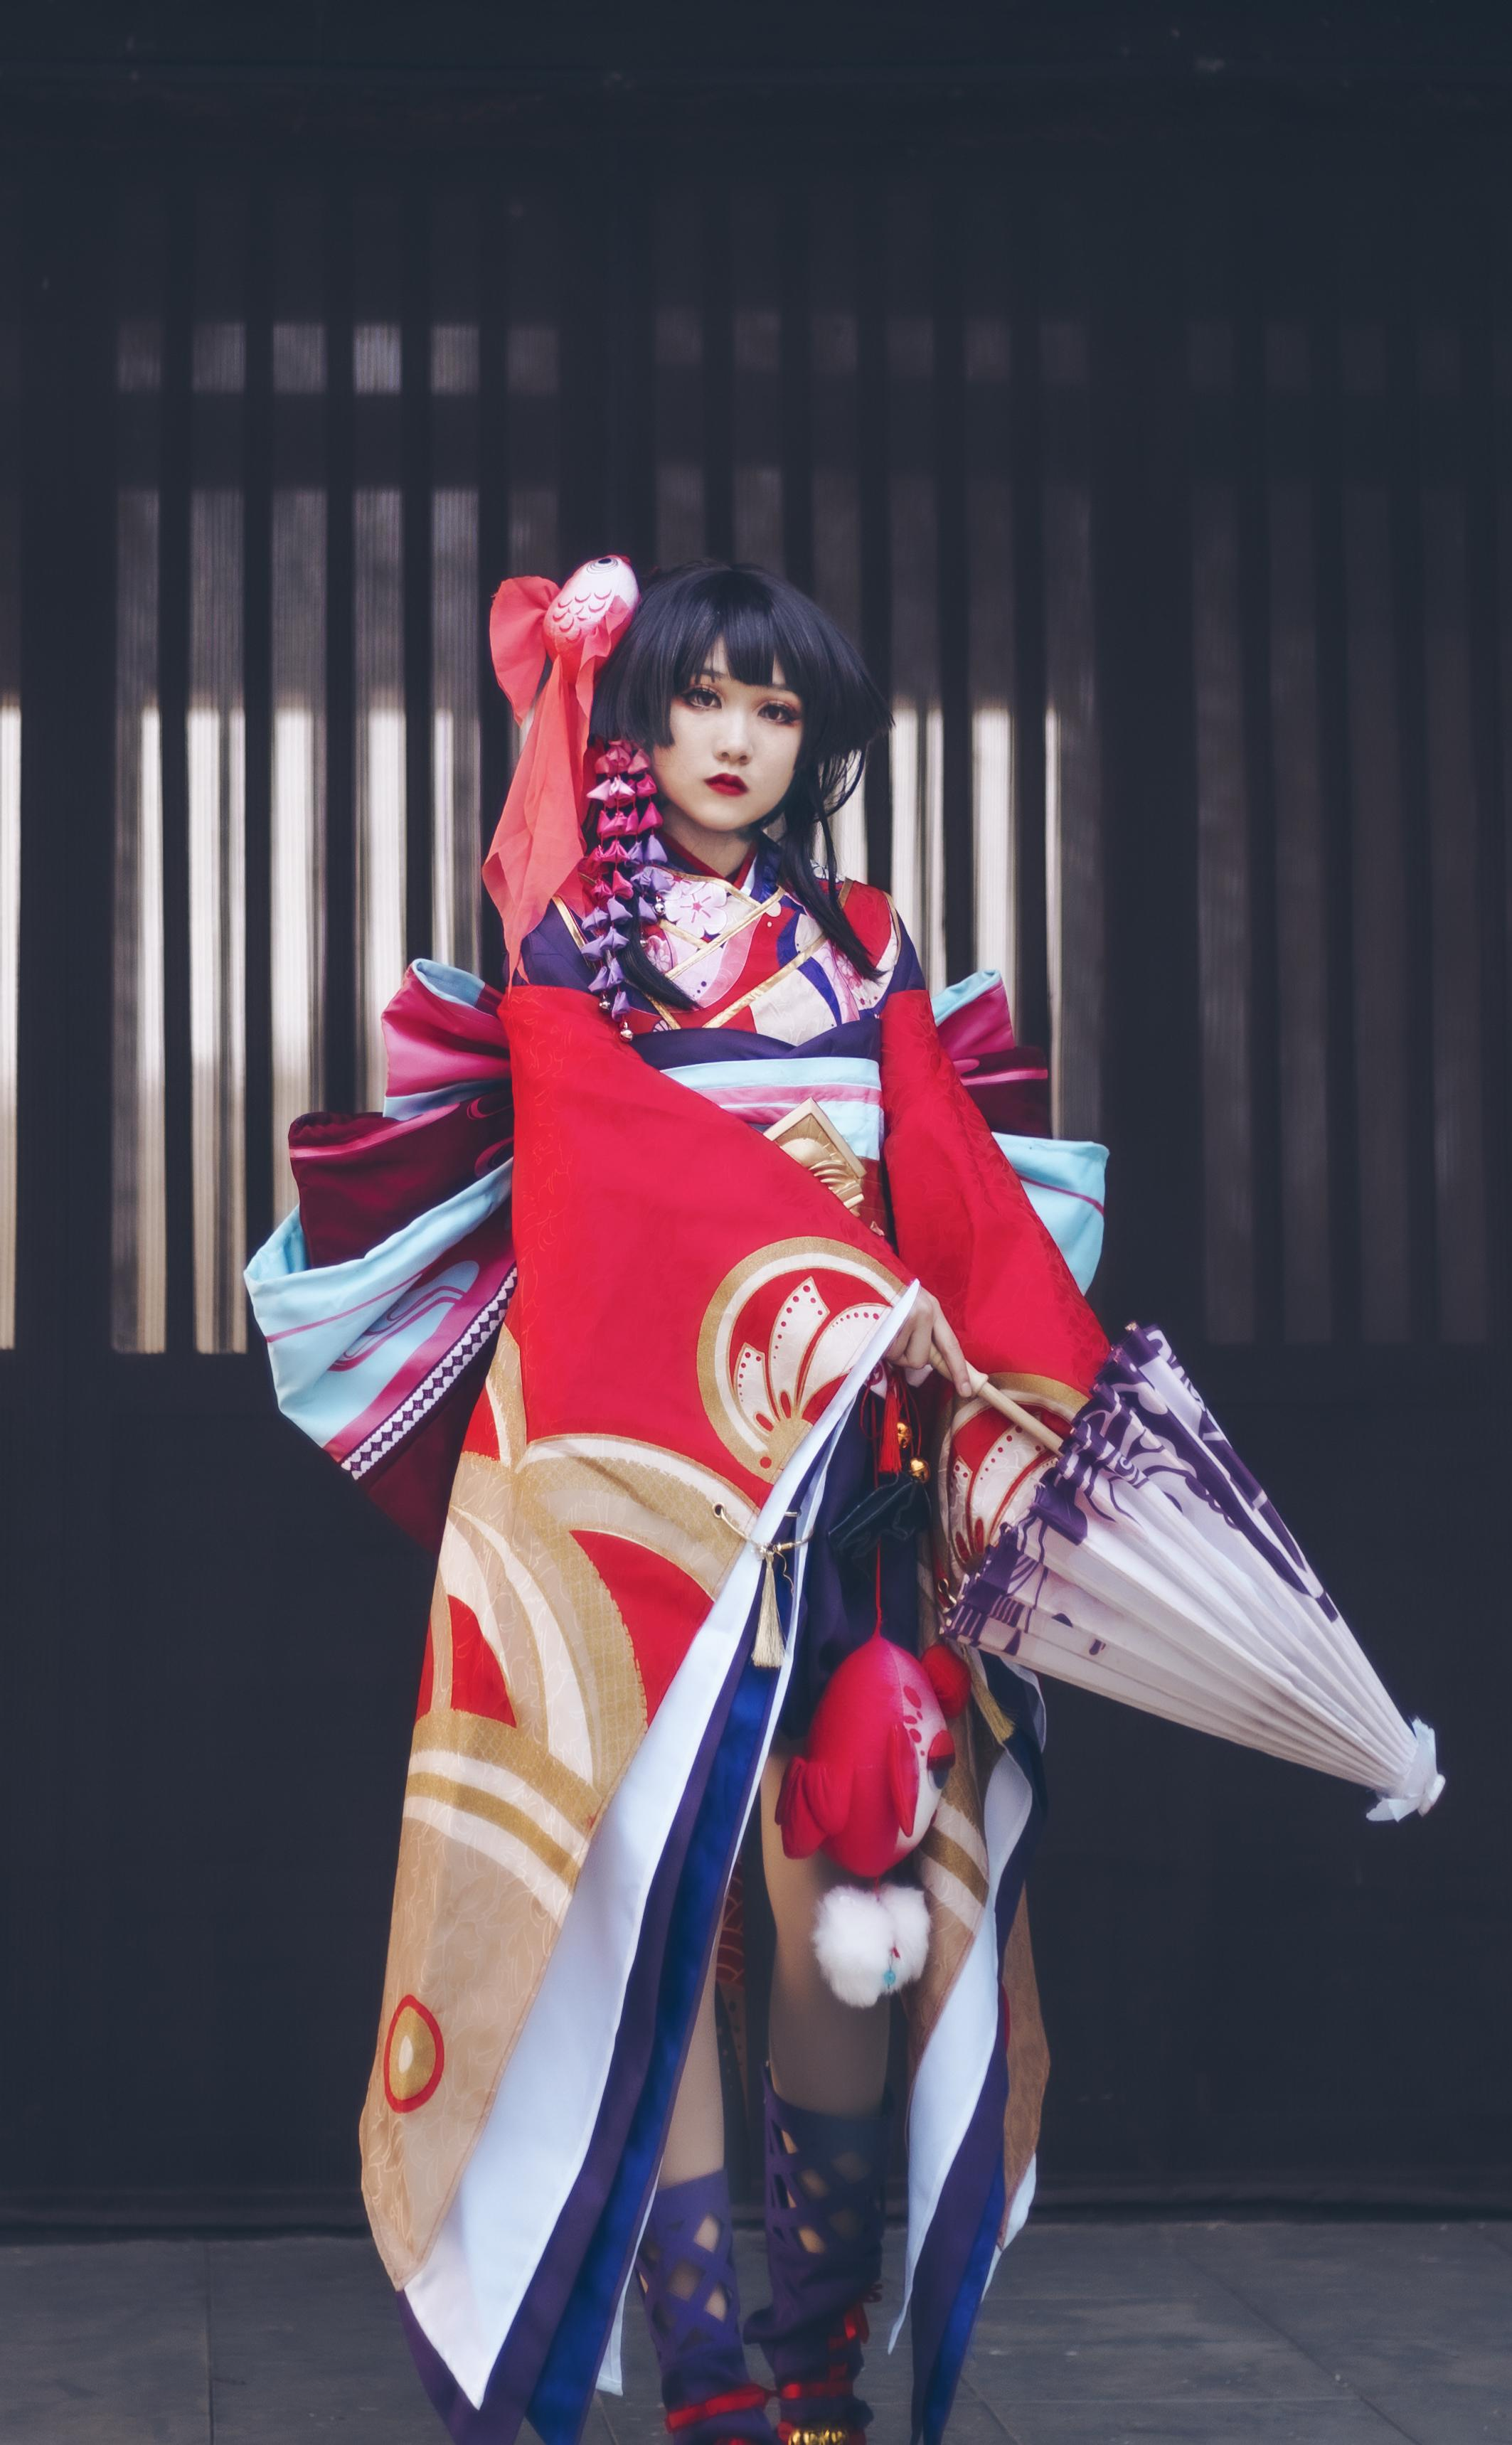 雪女cosplay【CN:不会迷路的雪】-第4张